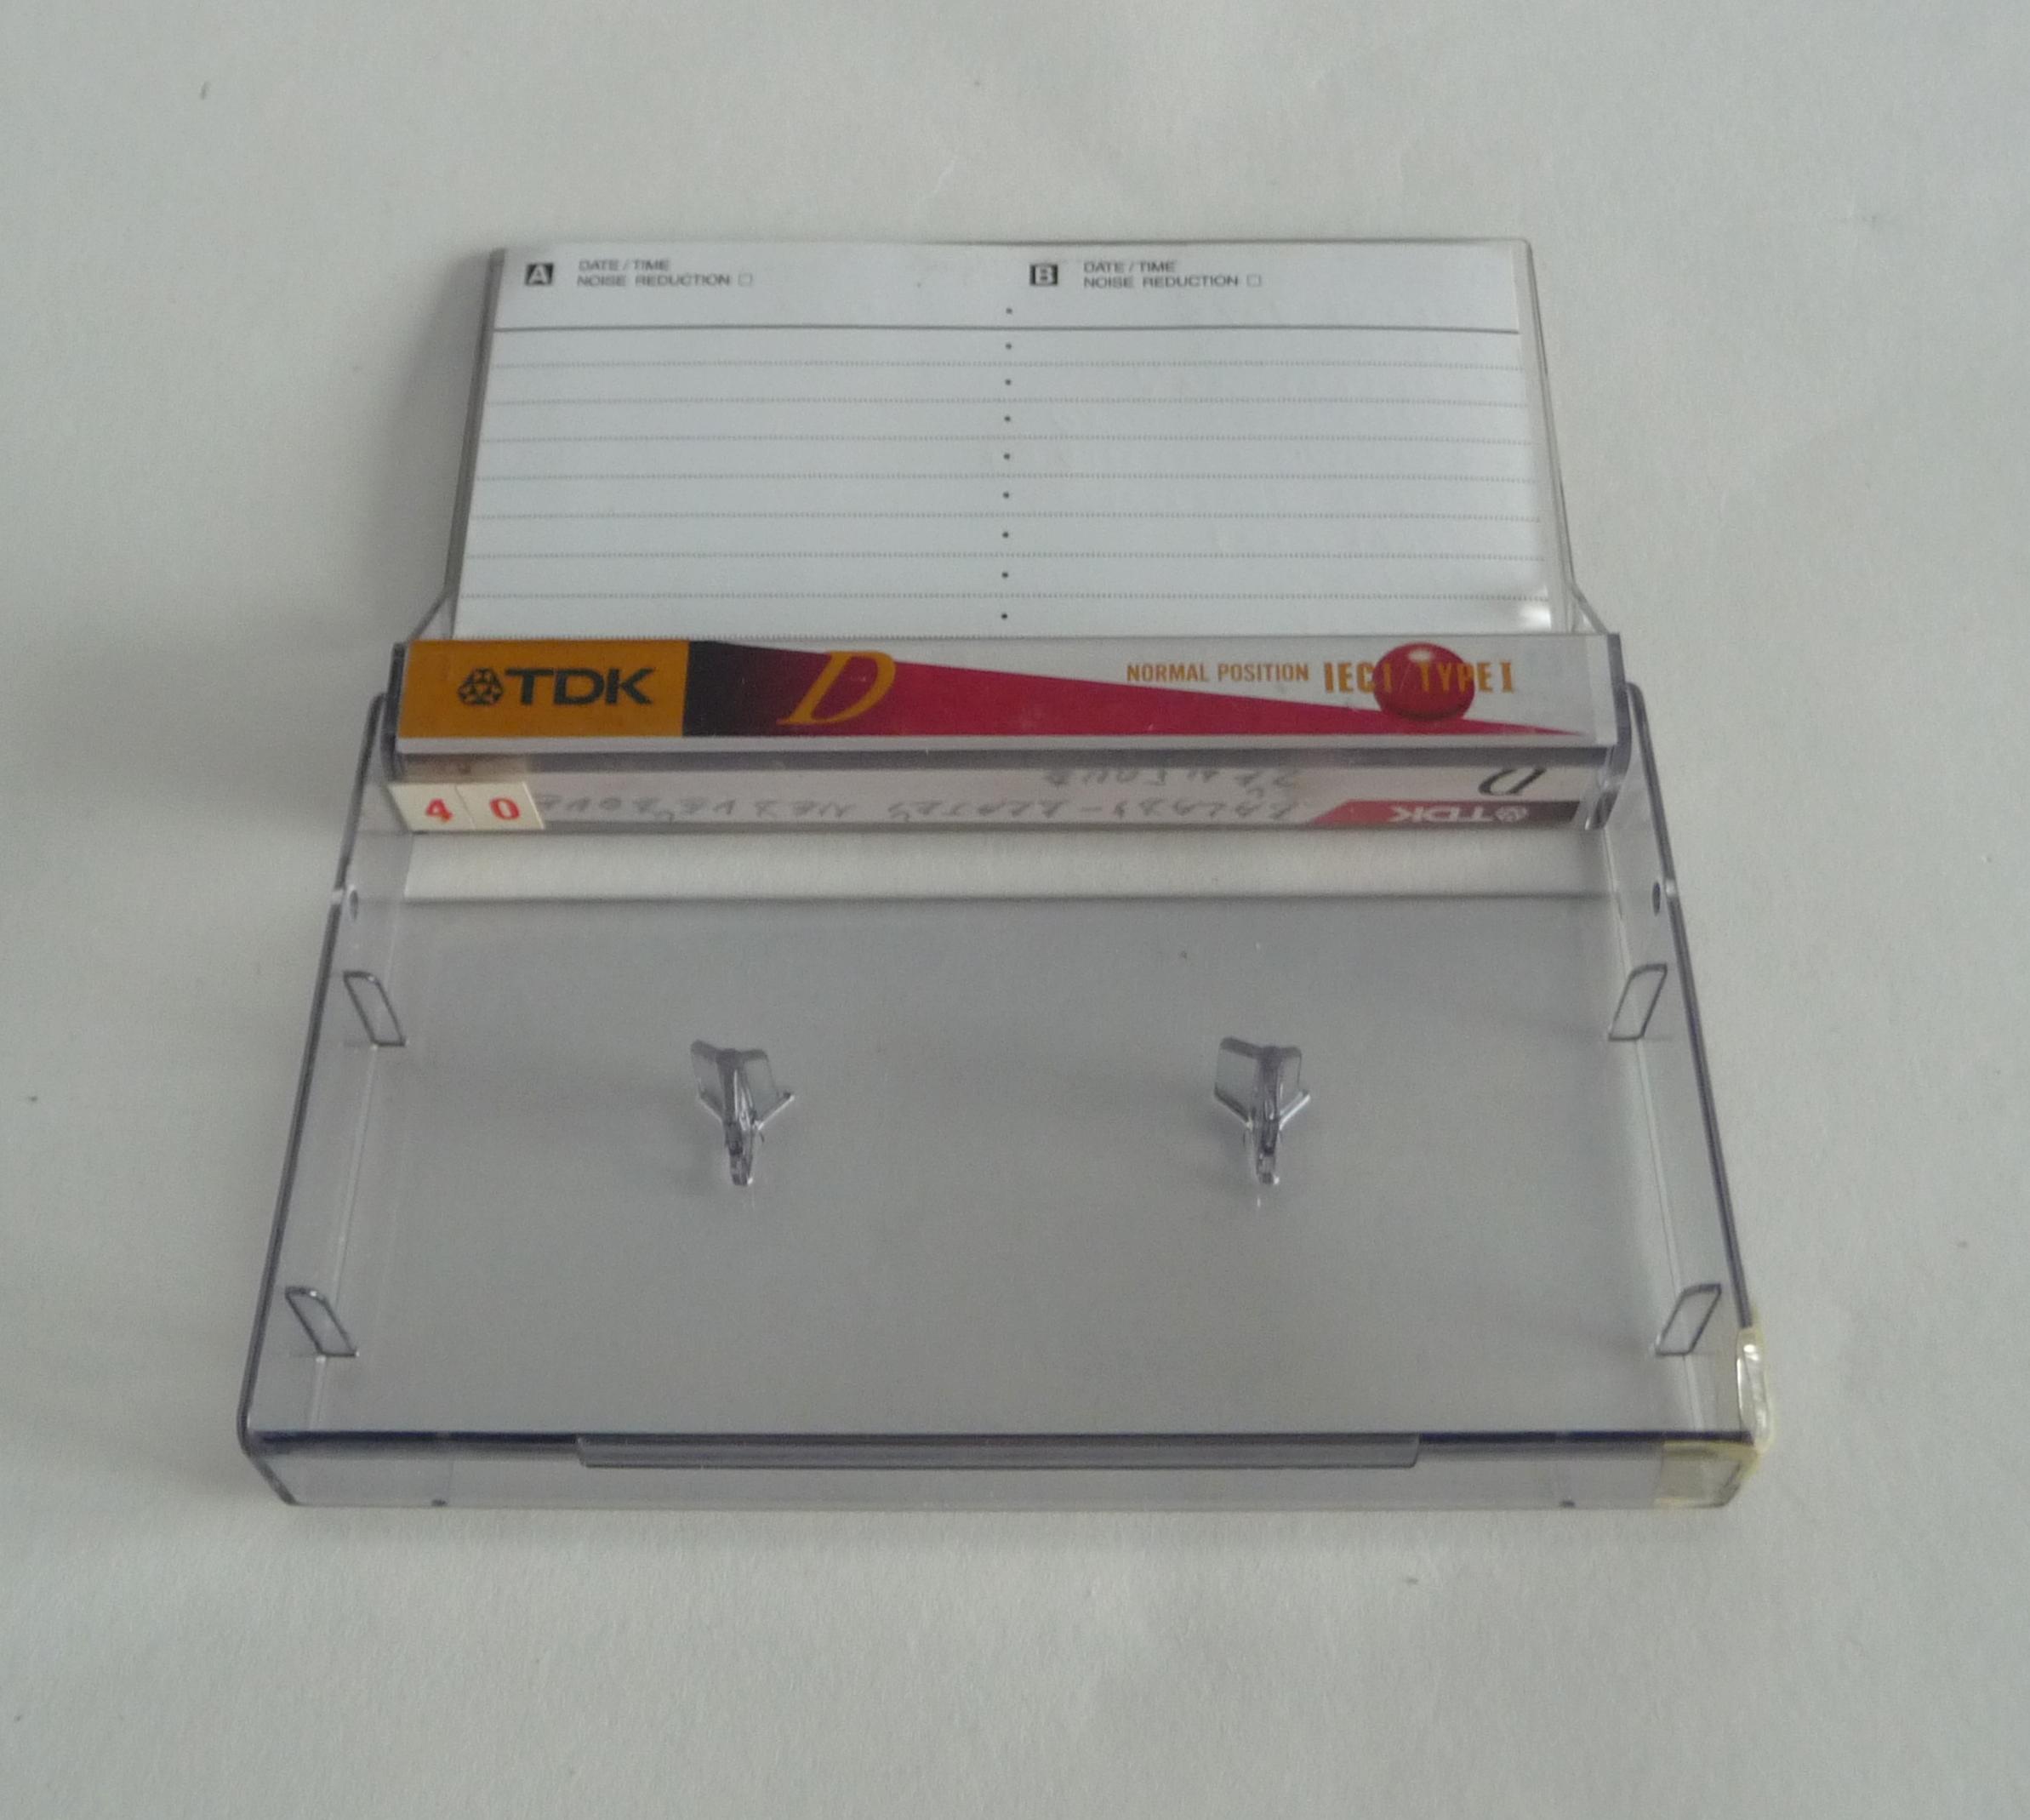 Audio cassette TDK D90 (3).jpg